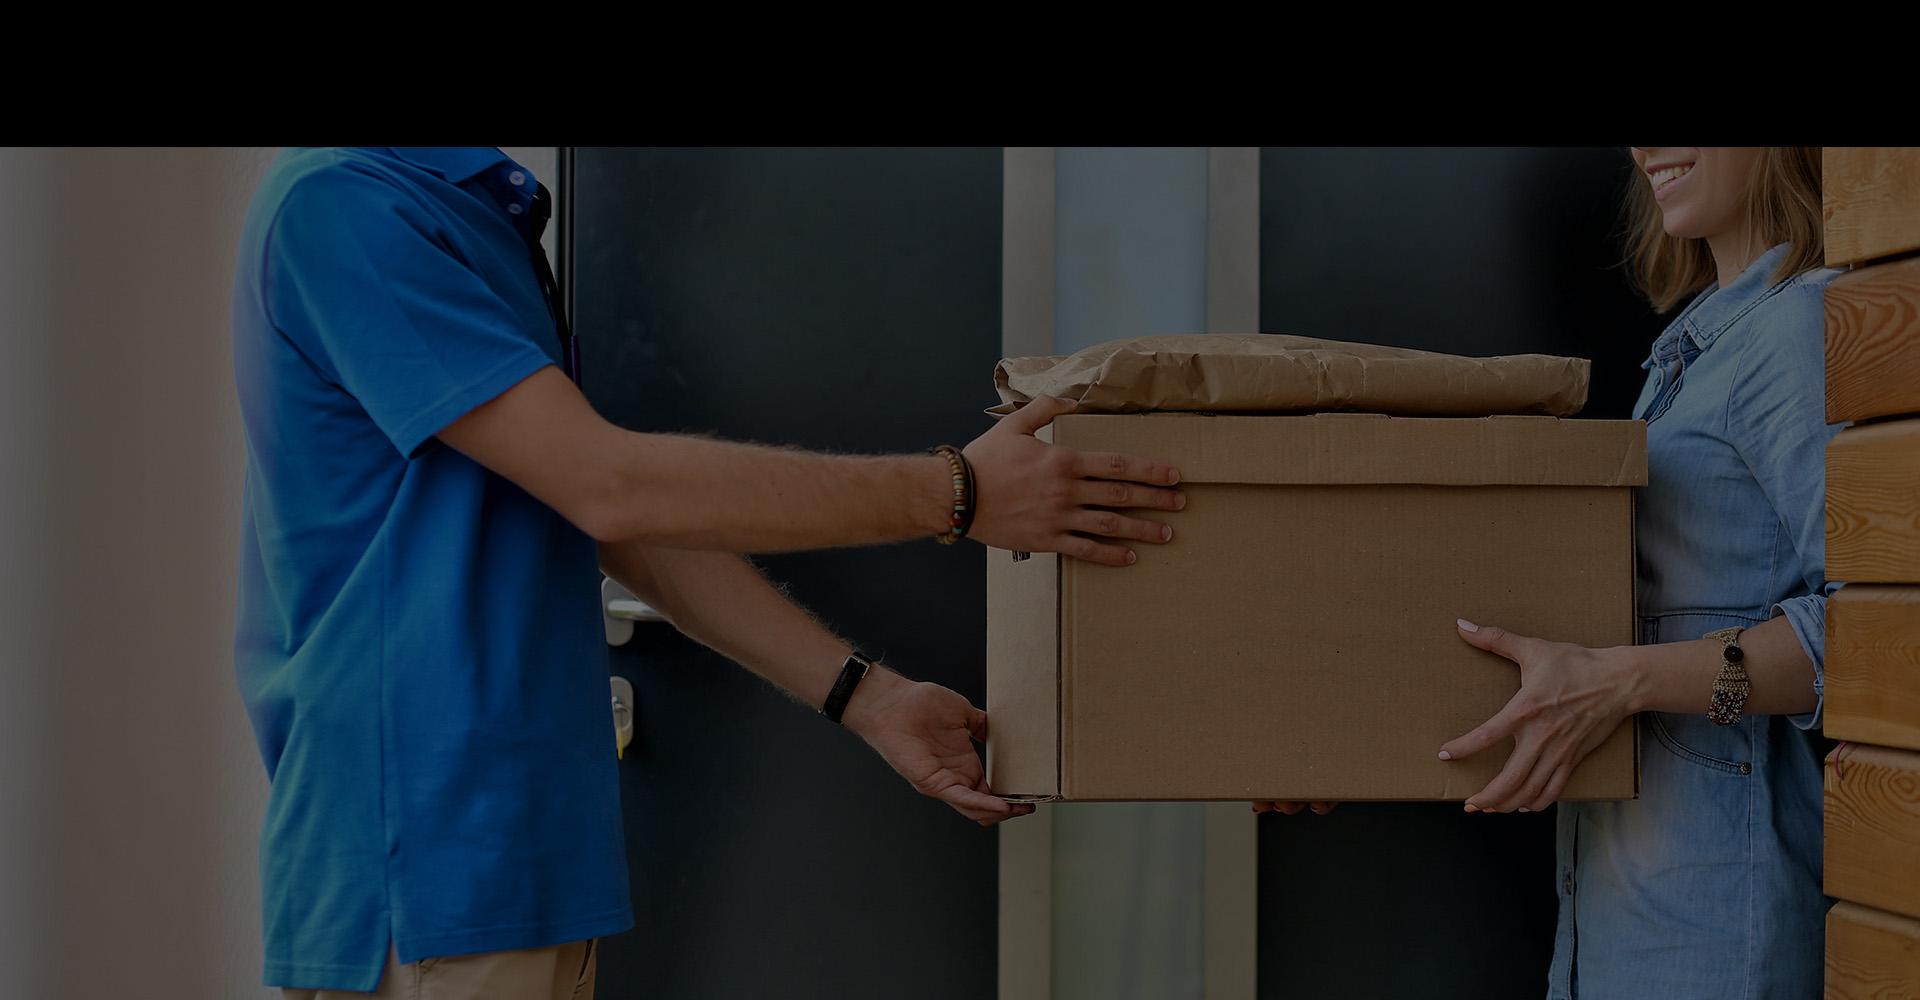 Logistique et transport de marchandises 2